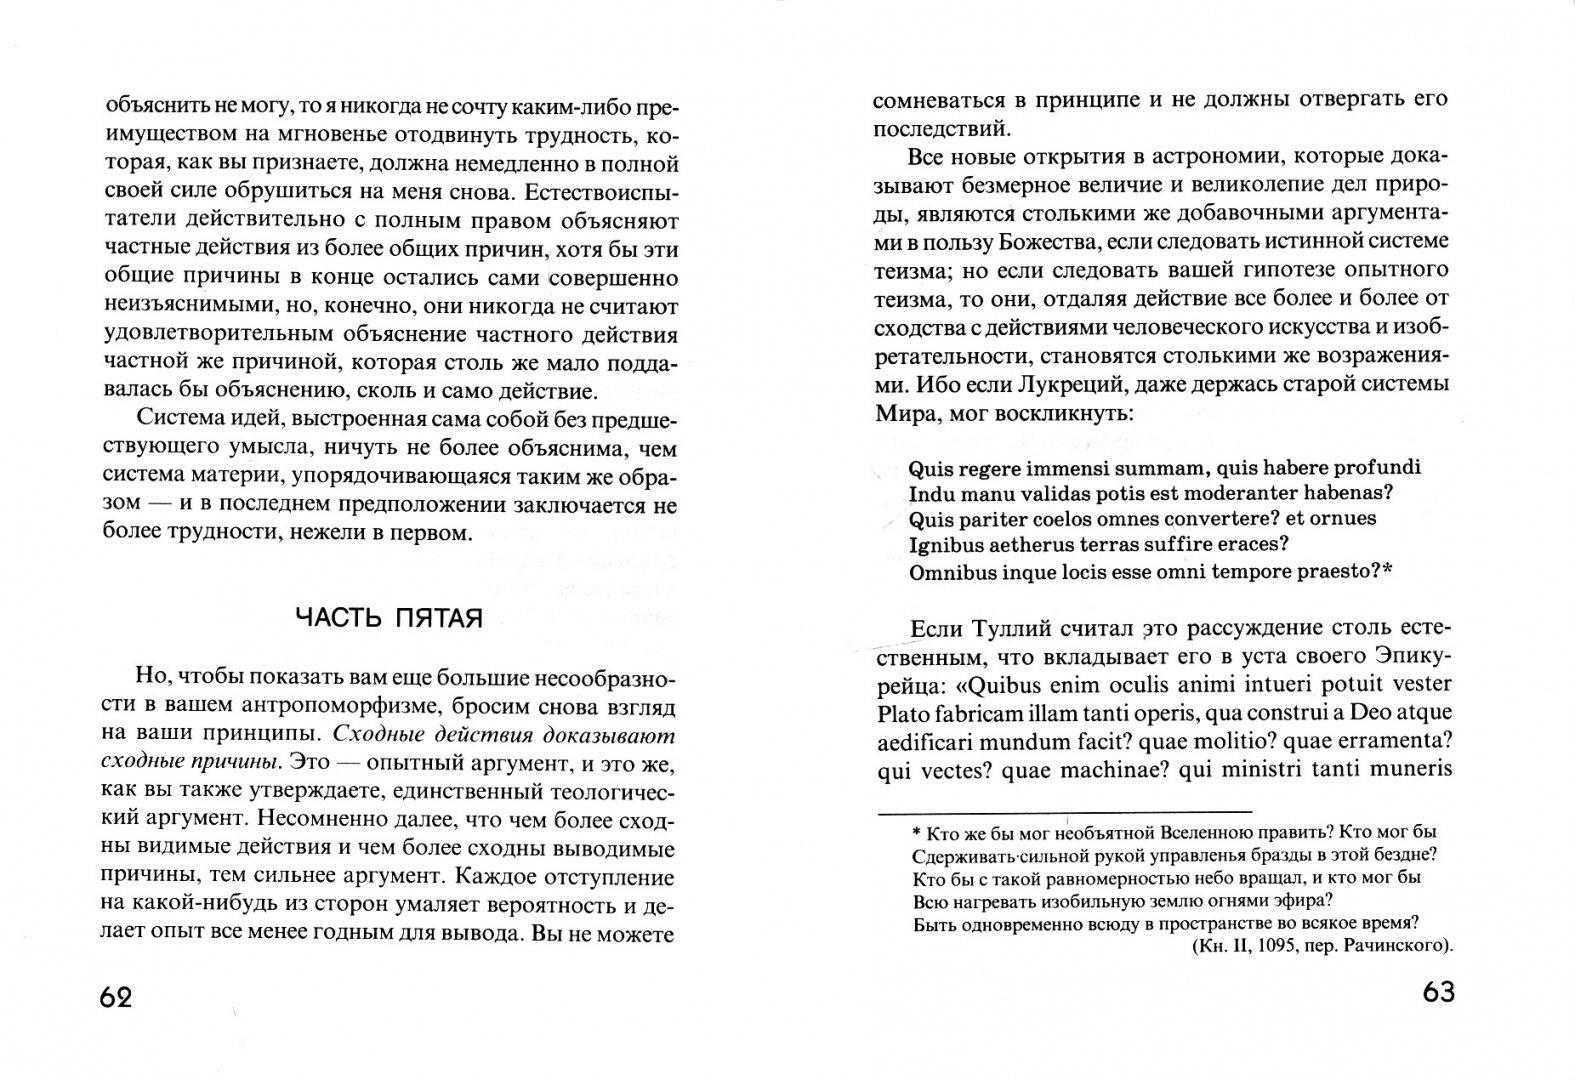 Иллюстрация 1 из 3 для Диалоги о Естественной Религии - Давид Юм   Лабиринт - книги. Источник: Лабиринт